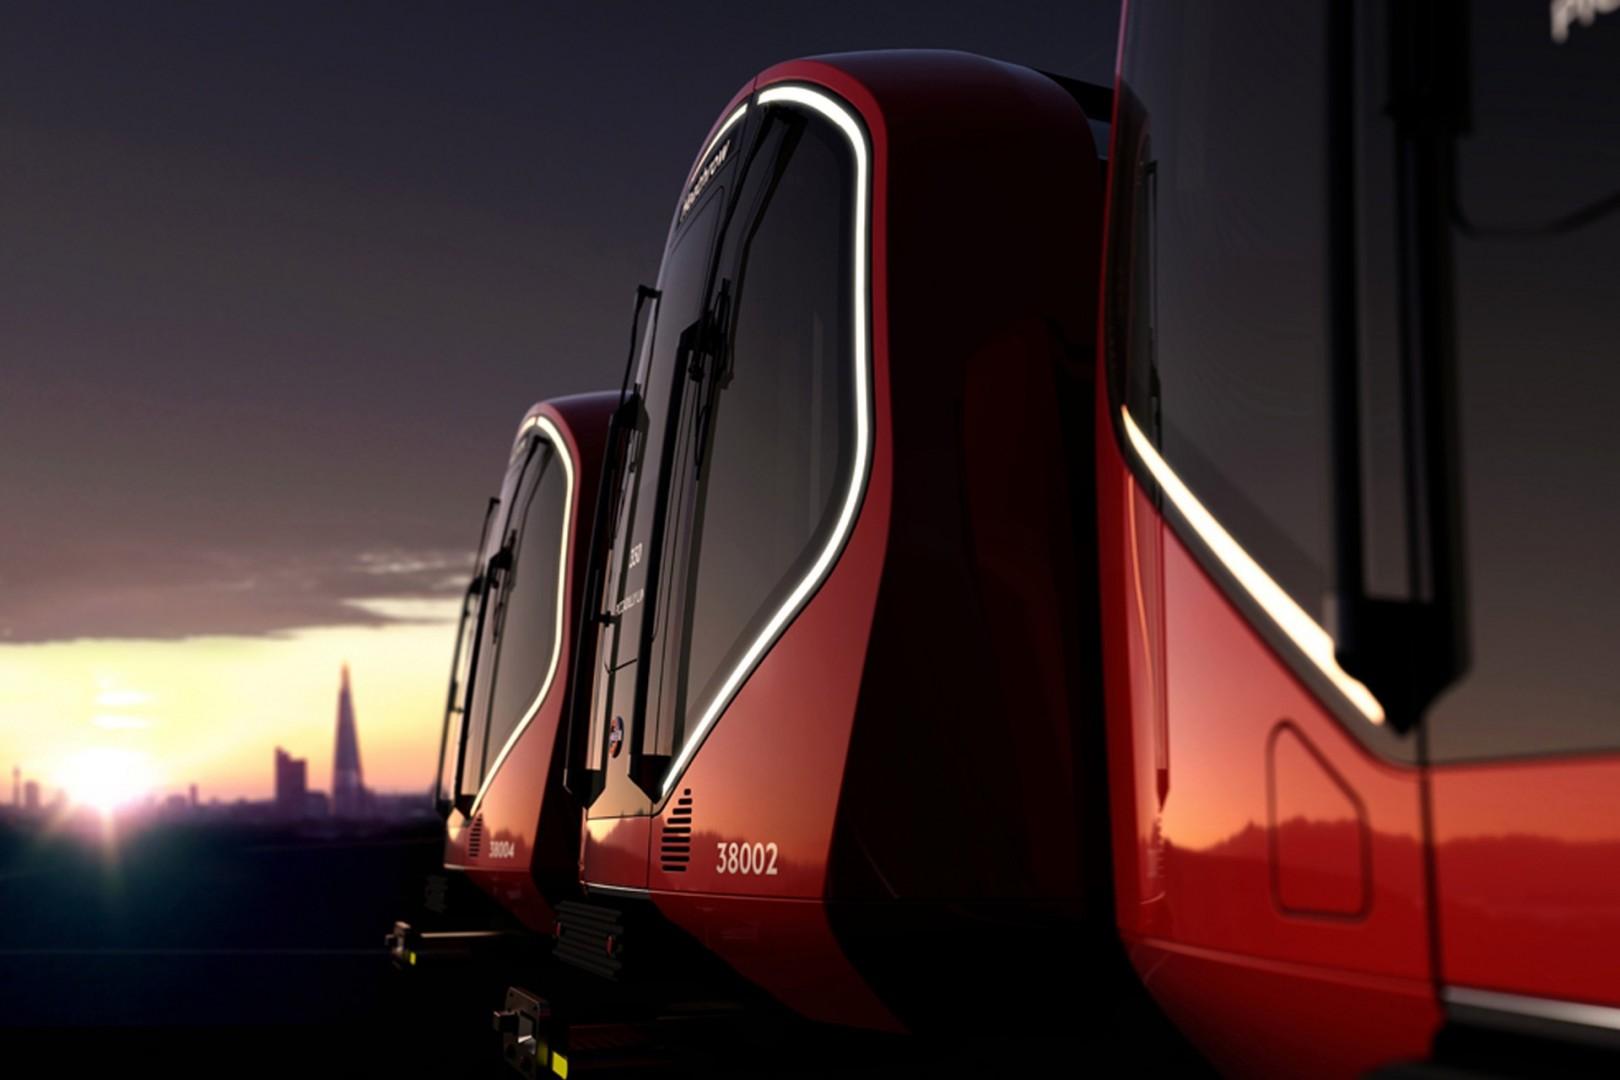 La propuesta de Priestman Good para la nueva flota del metro de Londres.